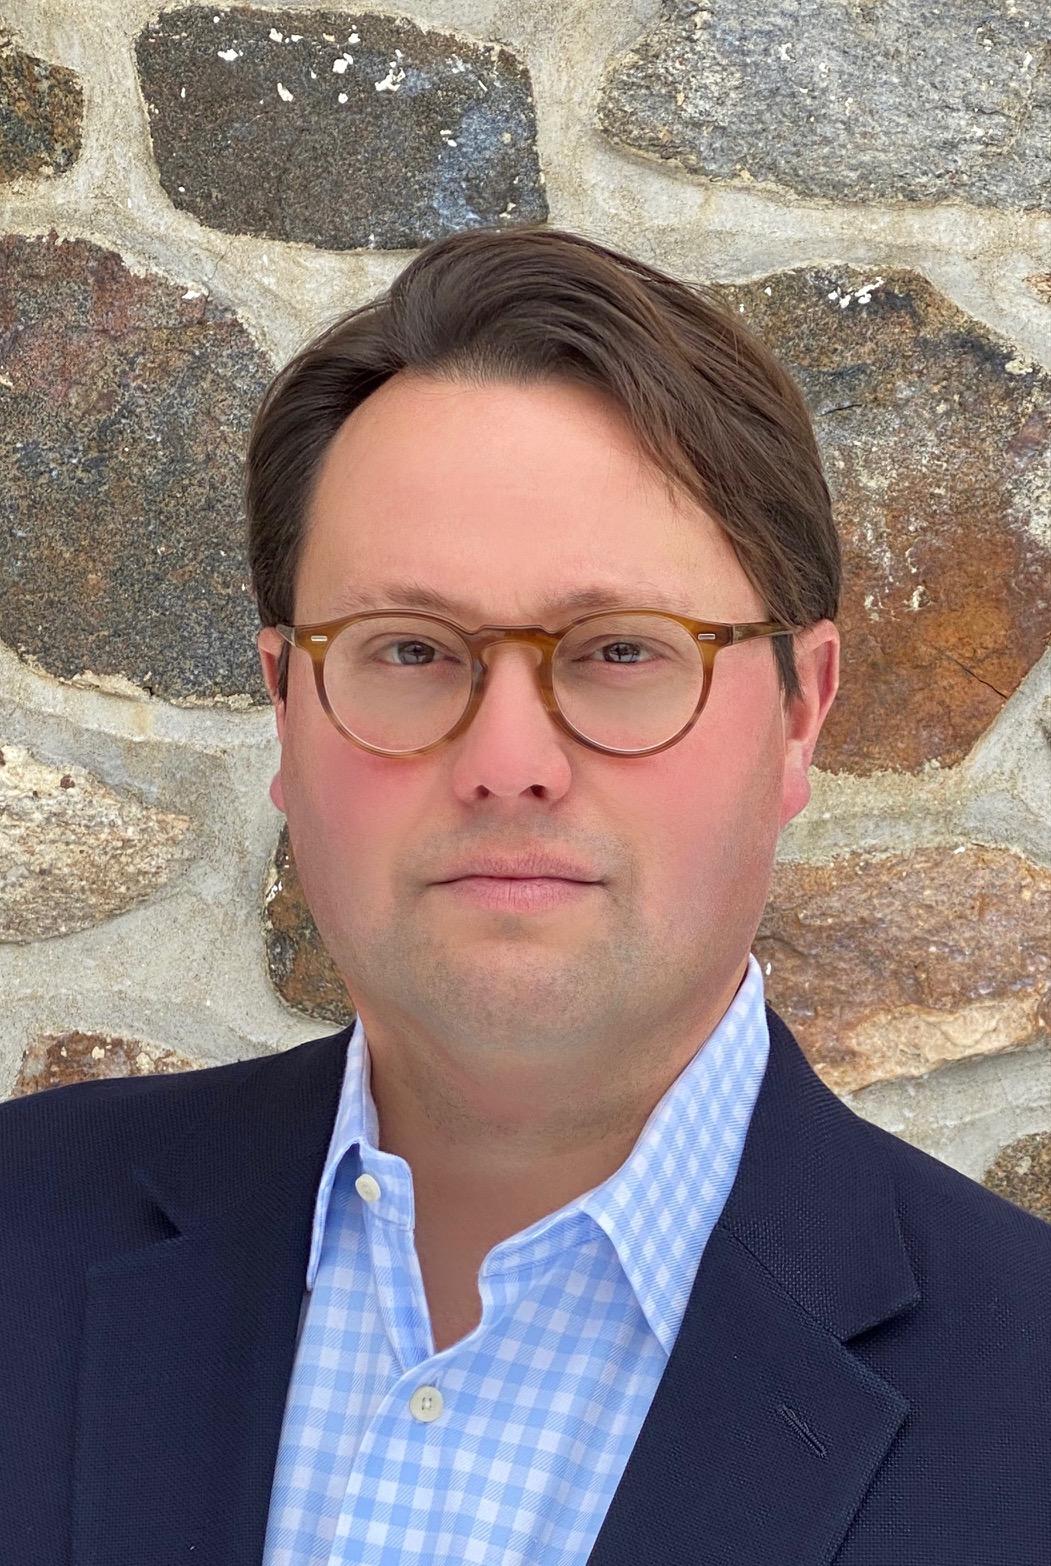 Chad Kifer